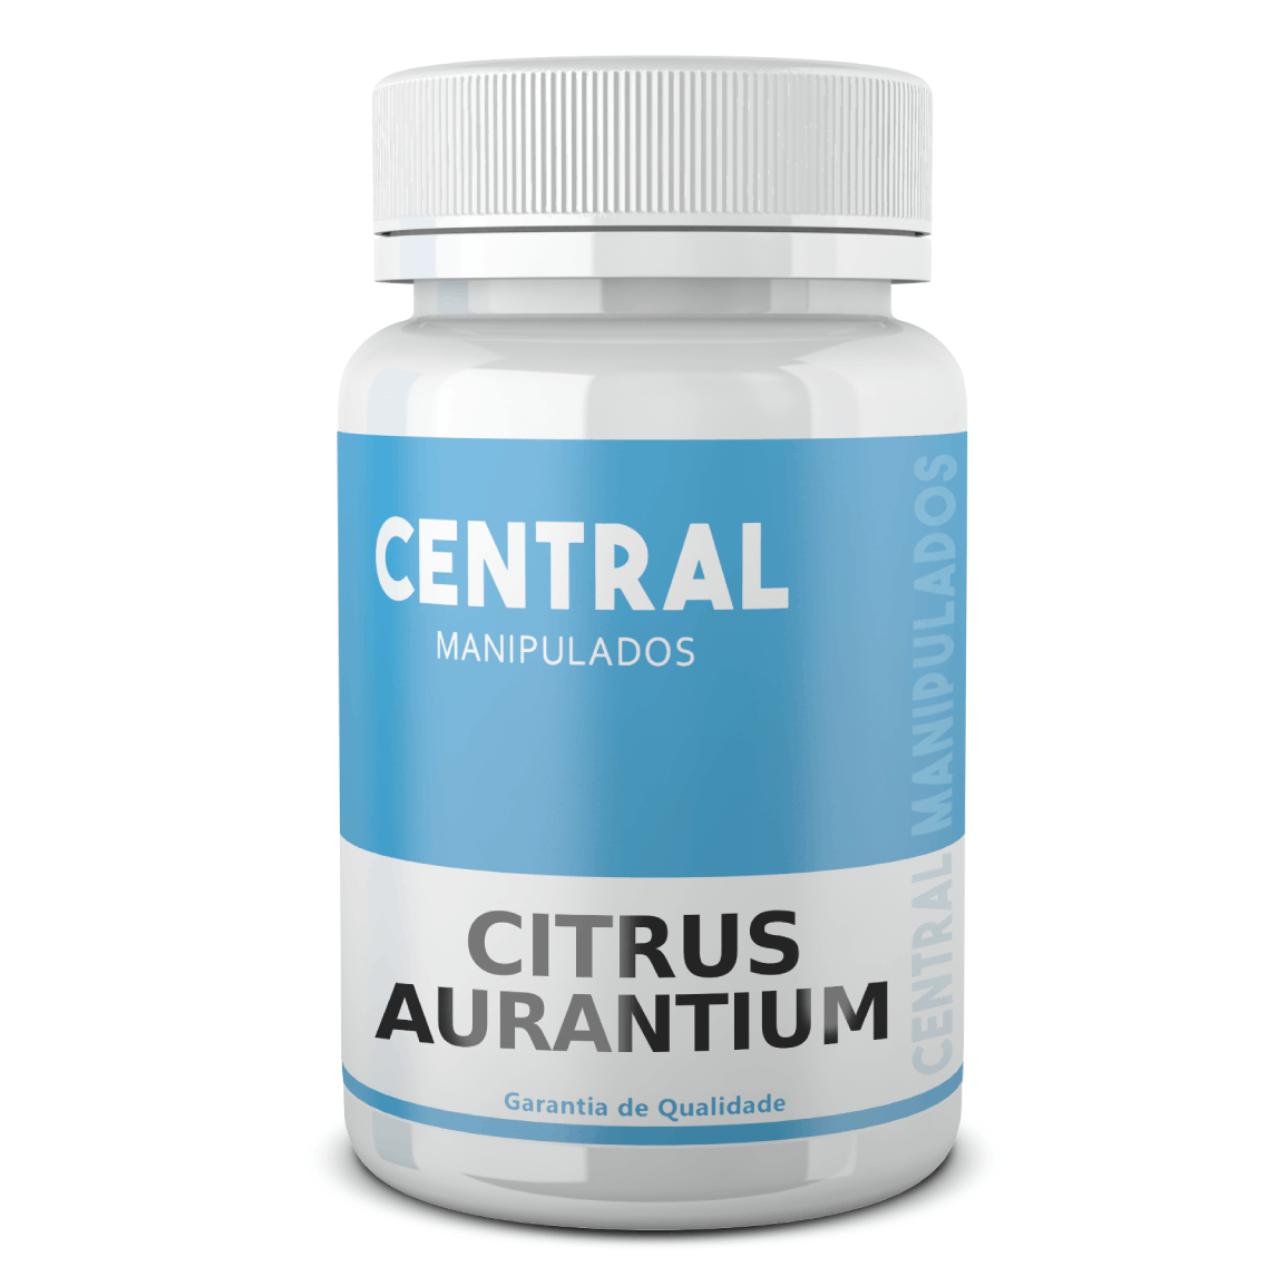 Citrus Aurantium 500mg - 120 cápsulas - Termogênico, Acelera o Metabolismo